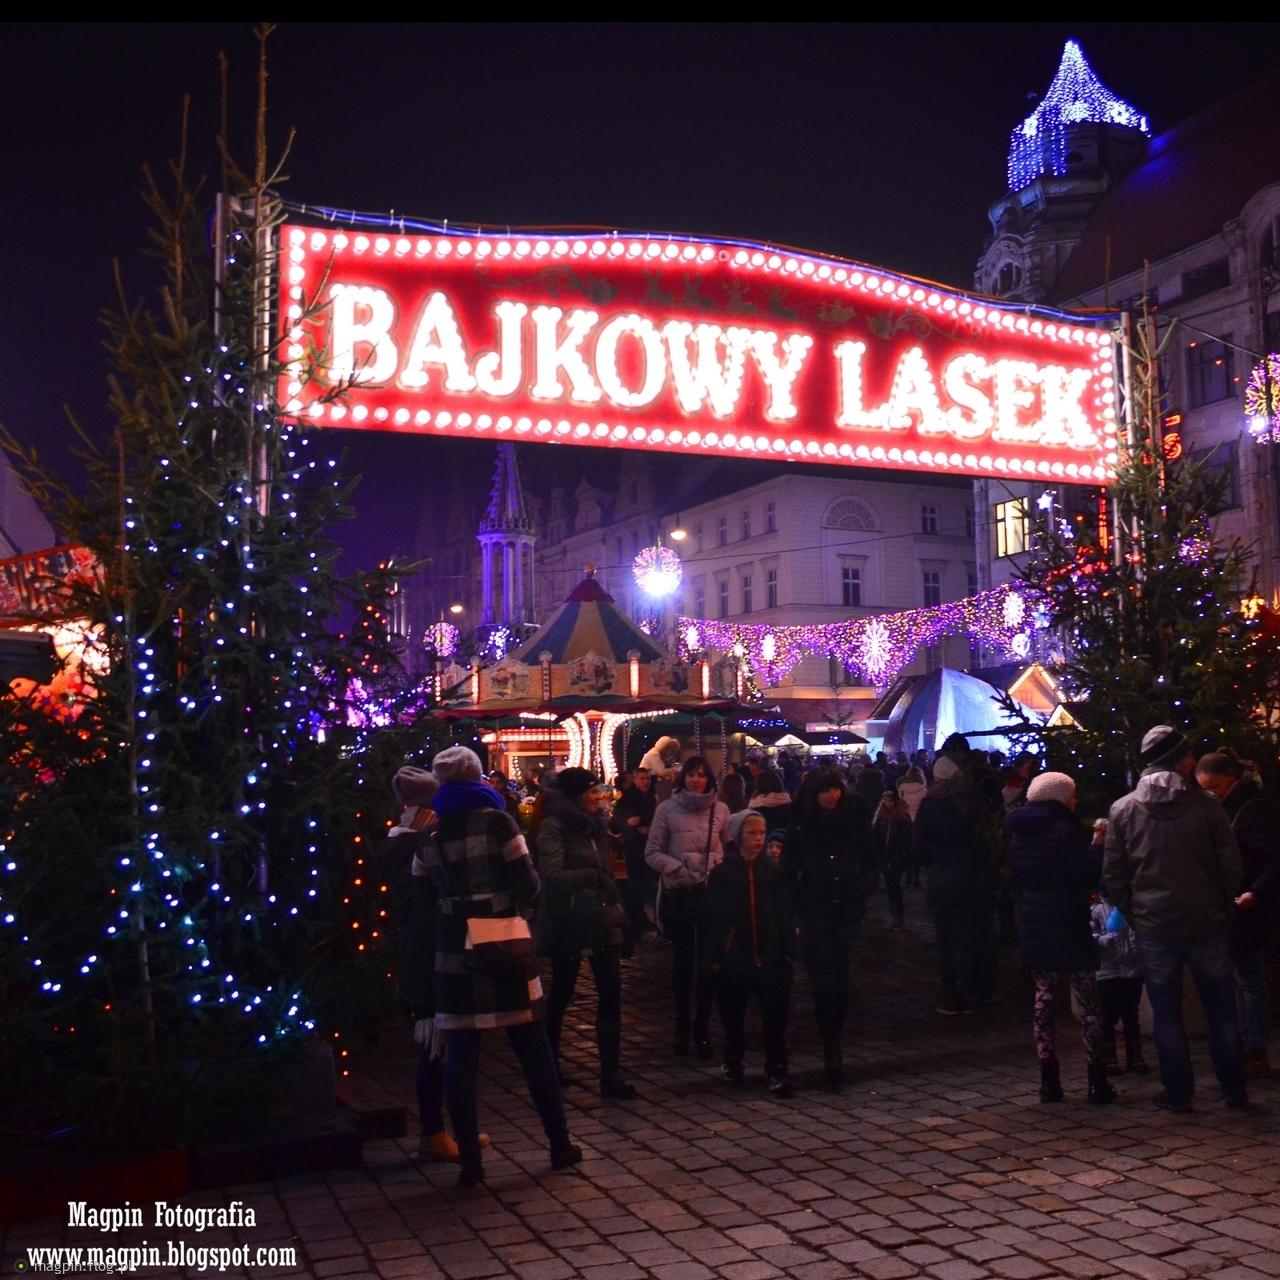 Bajkowy Lasek:)